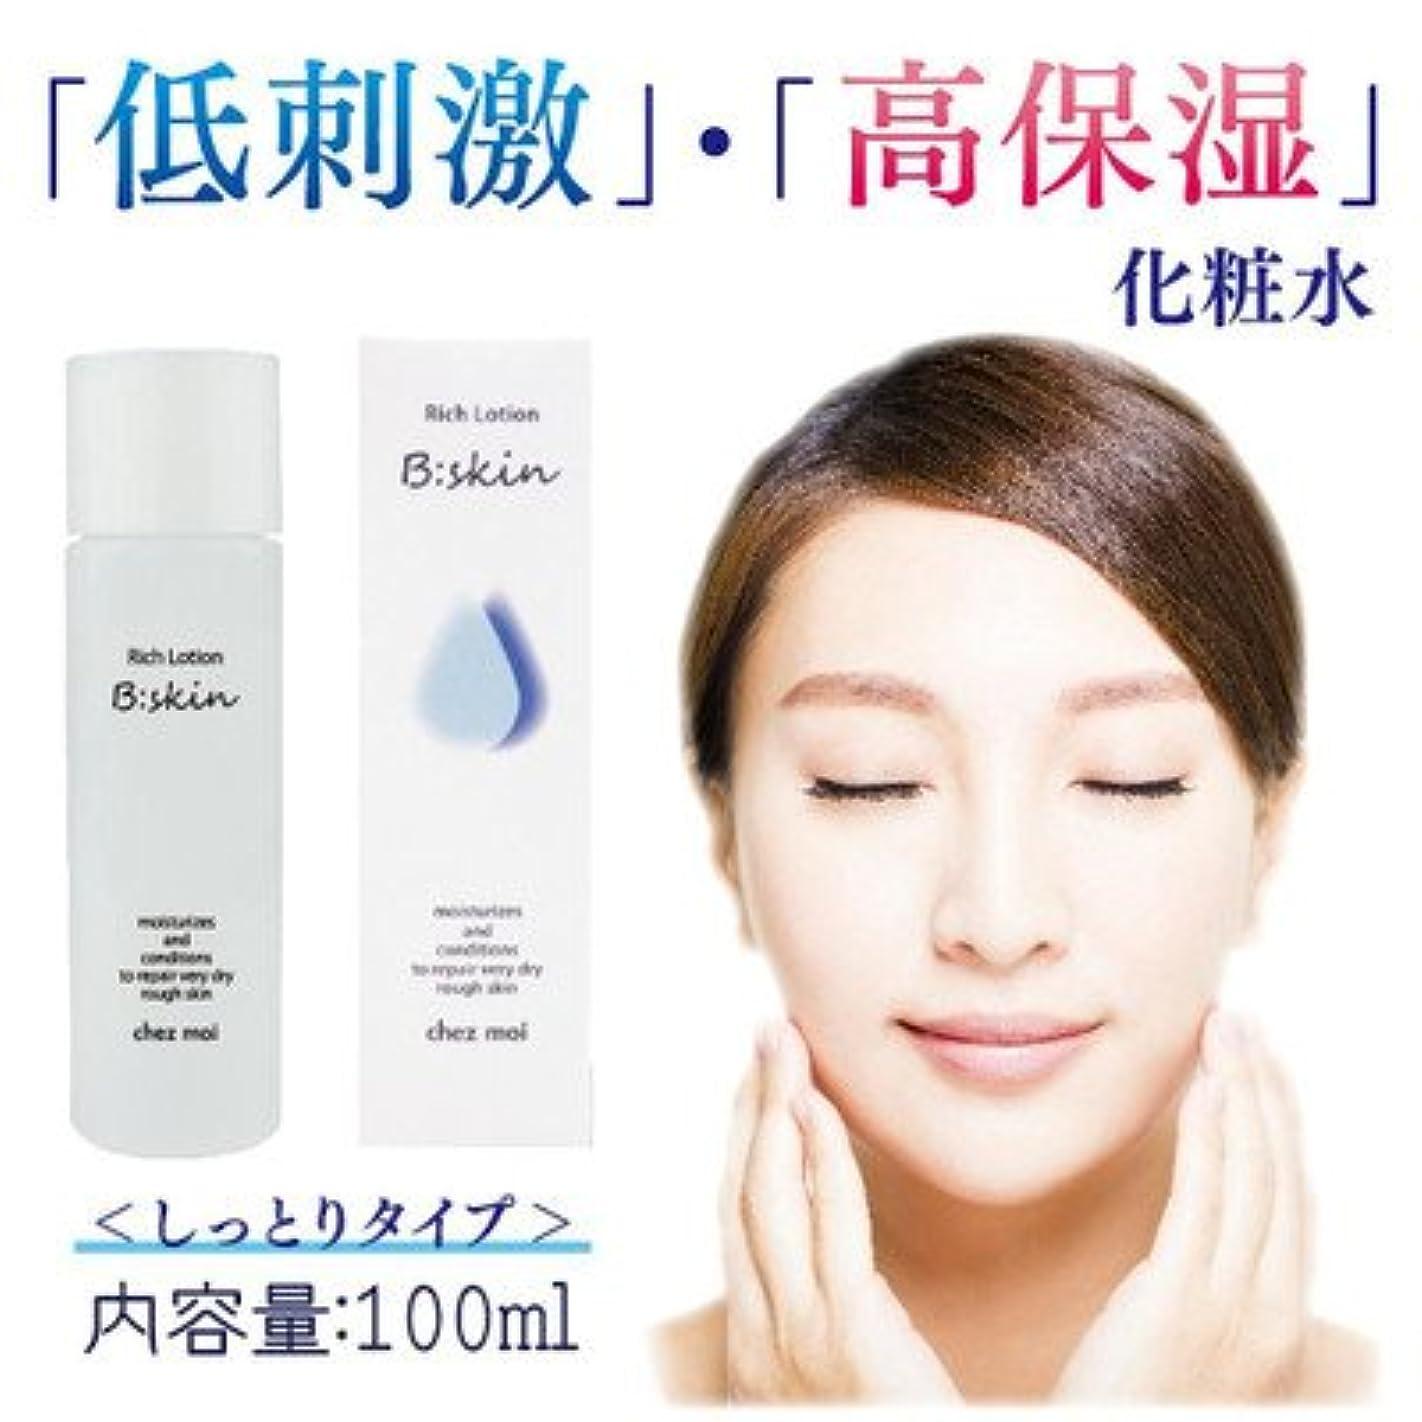 公キャンドル正規化低刺激 高保湿 しっとりタイプの化粧水 B:skin ビースキン Rich Lotion リッチローション しっとりタイプ 化粧水 100mL